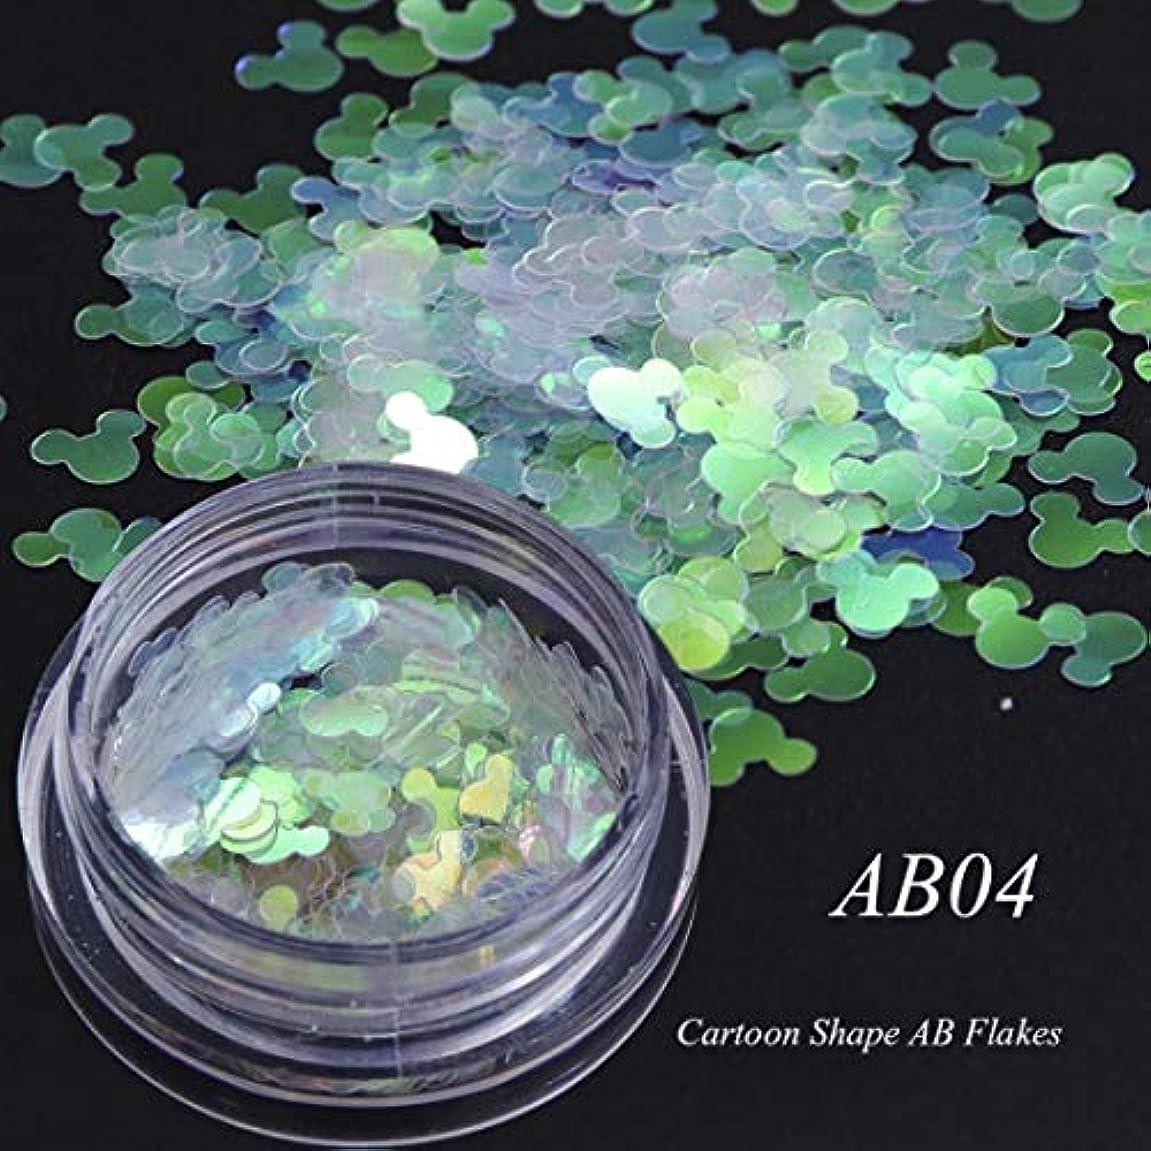 熟達した確立しますメイン手足ビューティーケア 3個のカメレオンカラースパンコールネイルアートグリッターフレークUVジェル装飾ツール(AB01) (色 : AB04)